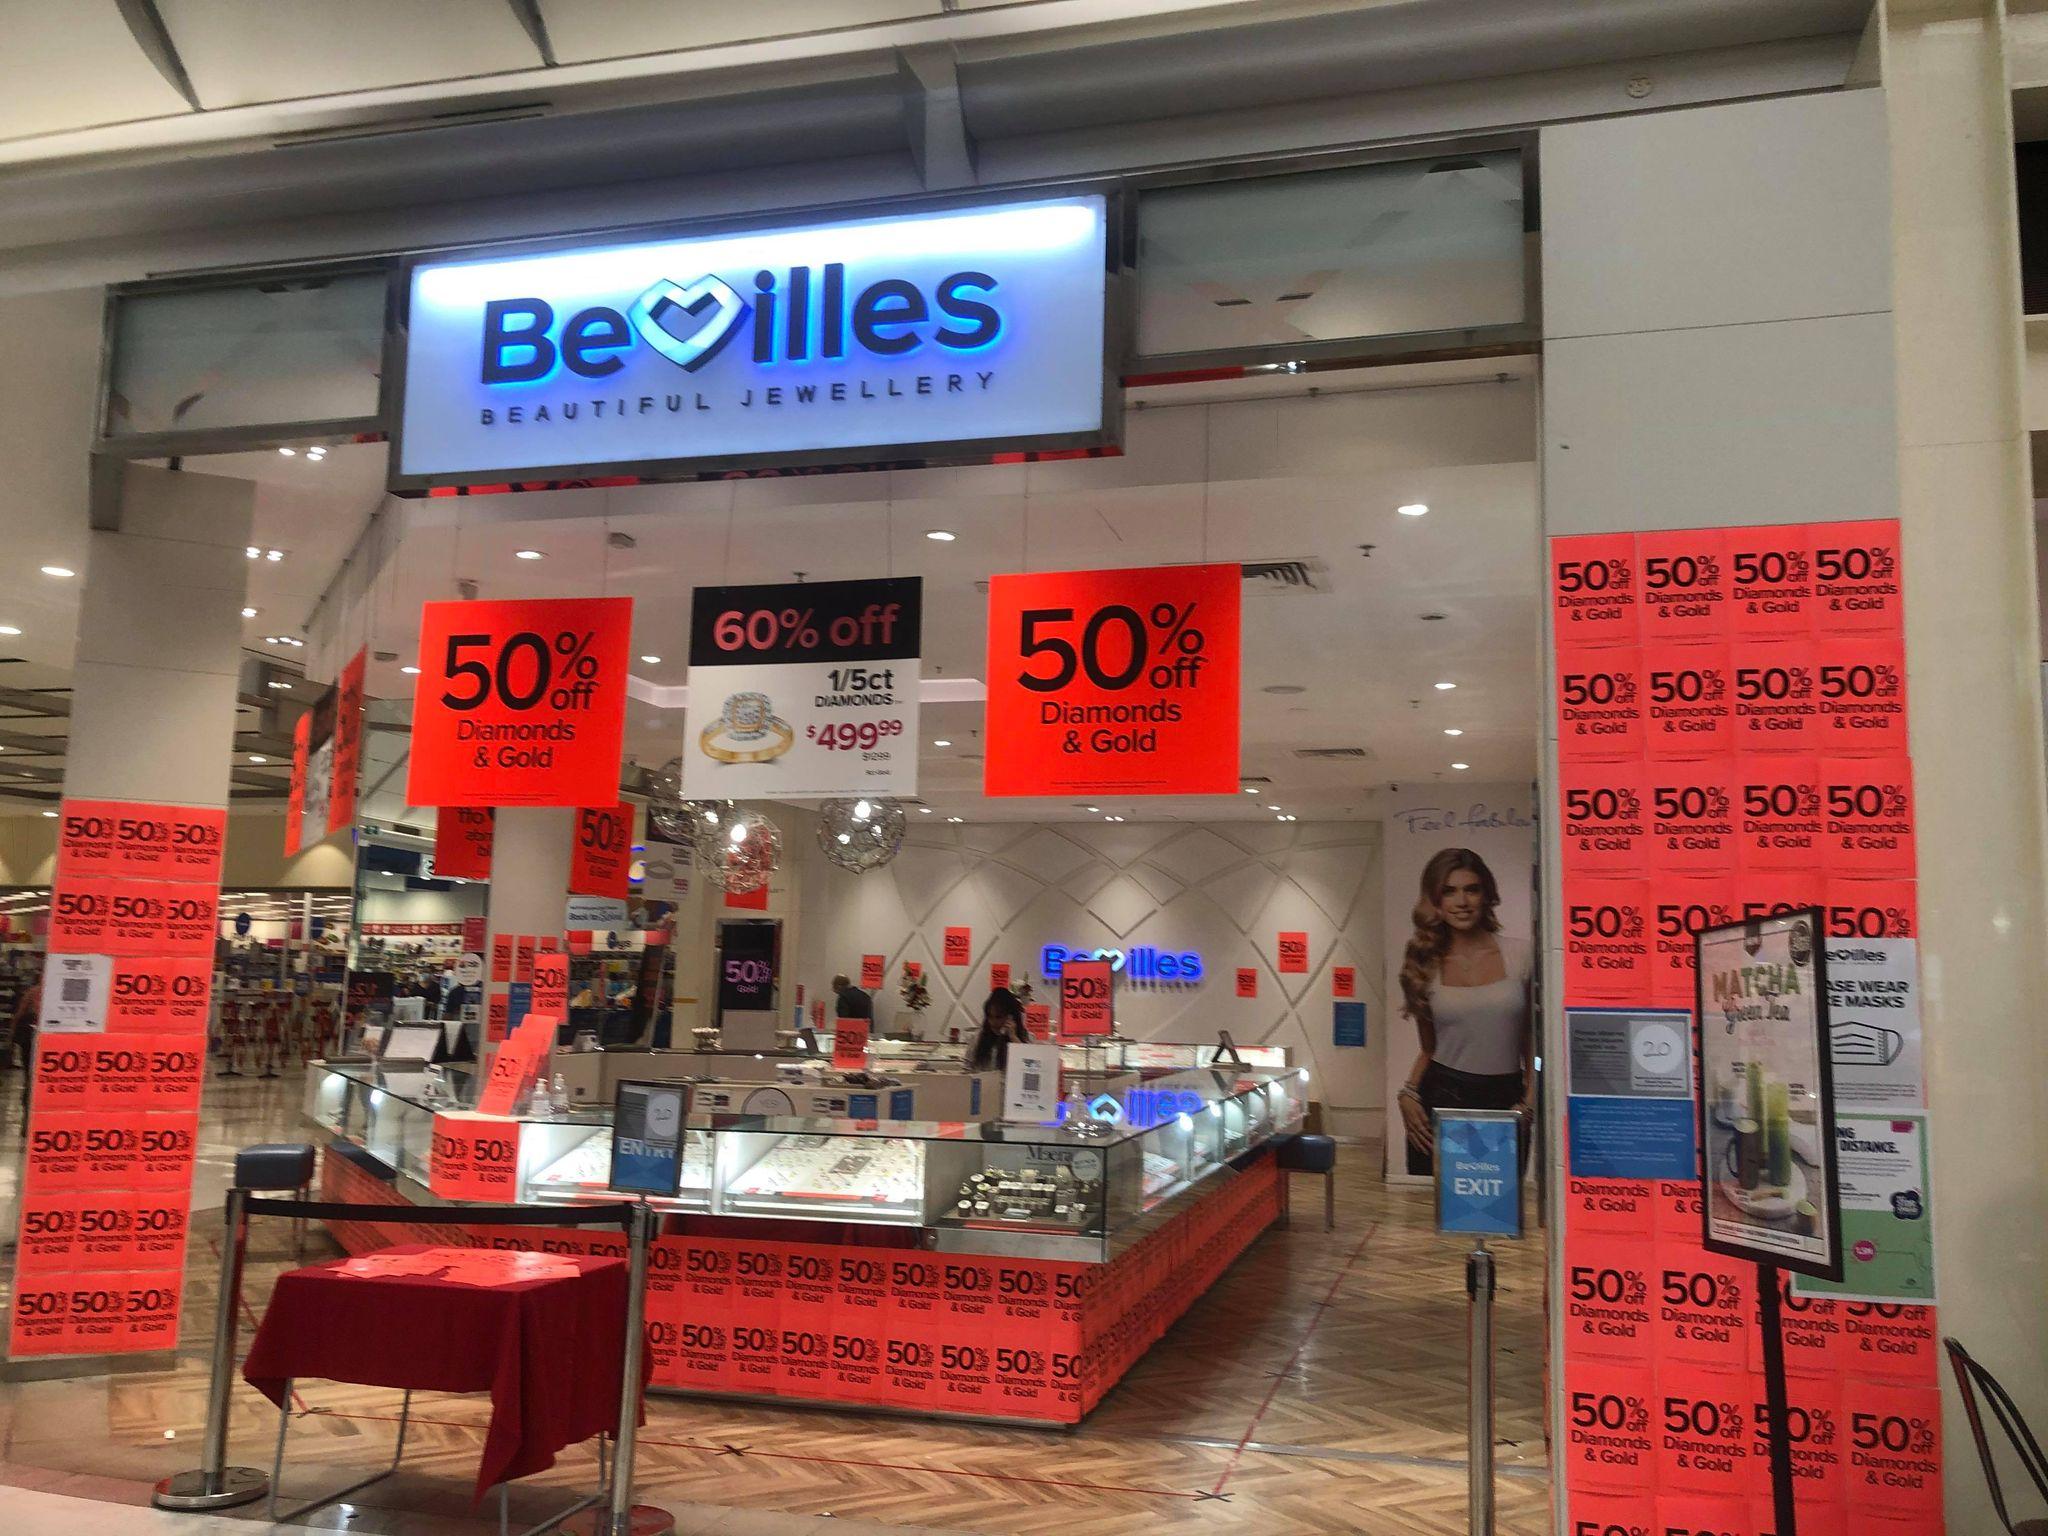 pacific werribee december 2020 bevilles beautiful jewellery